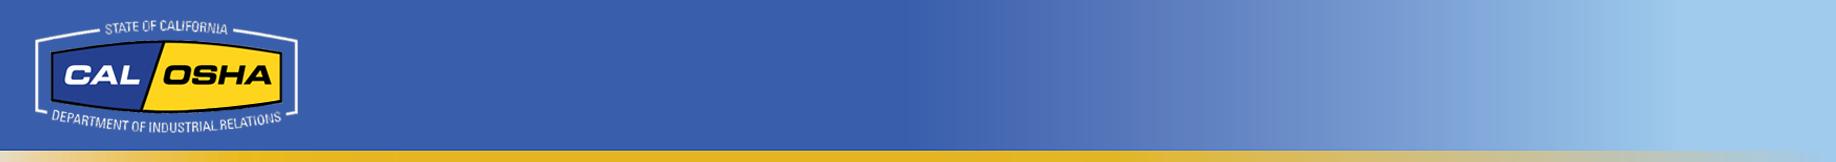 Cal/OSHA Training Academy